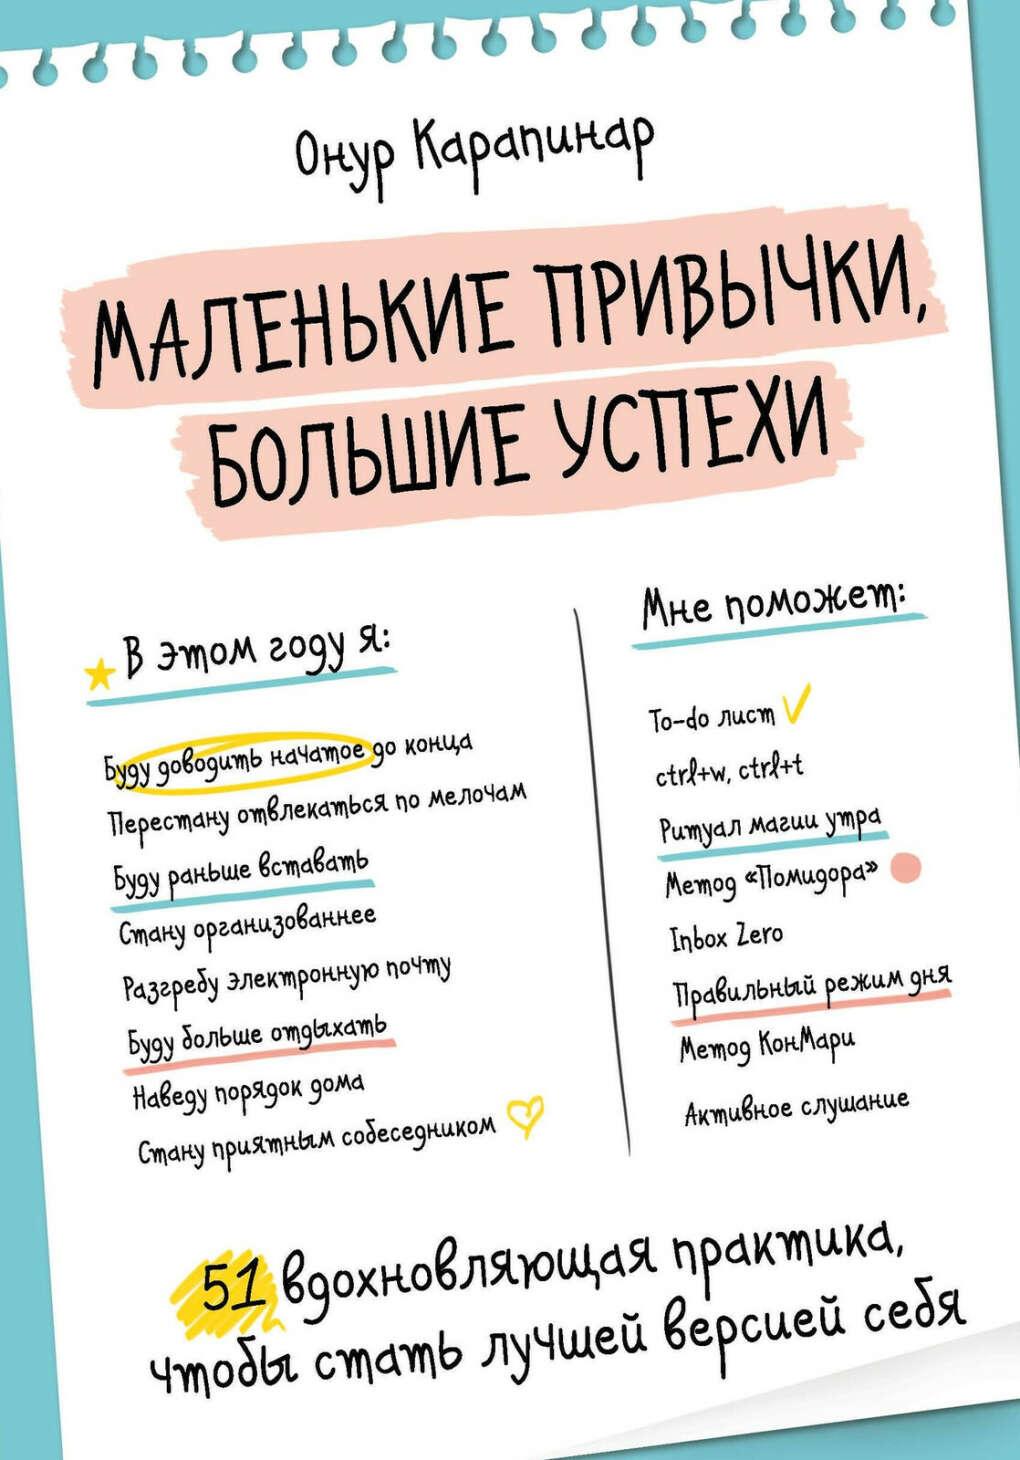 «Маленькие привычки, большие успехи», Онур Карапинар